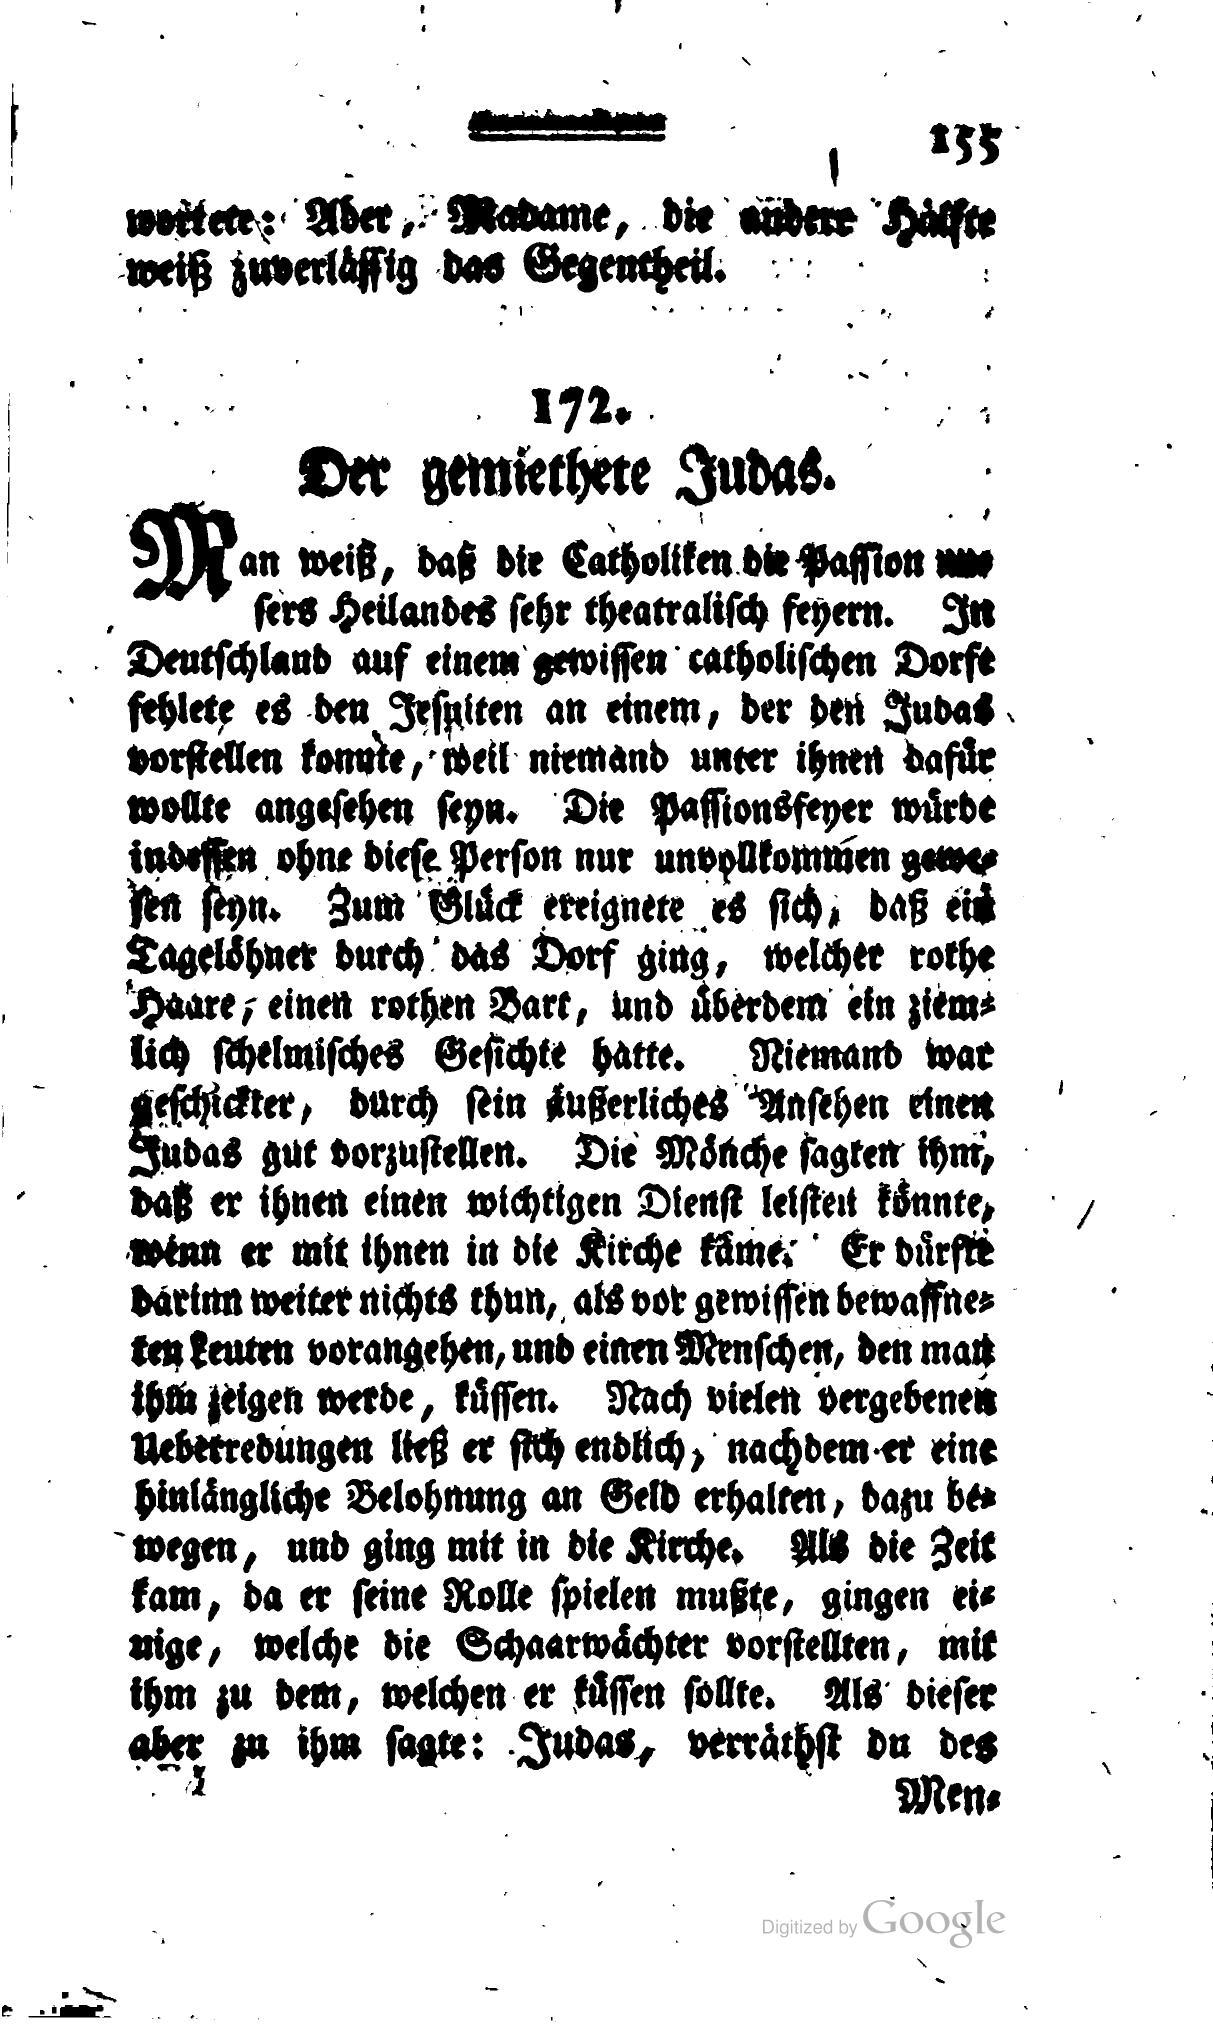 File:Vade Mecum für lustige Leute I 1774 155.jpg - Wikimedia Commons